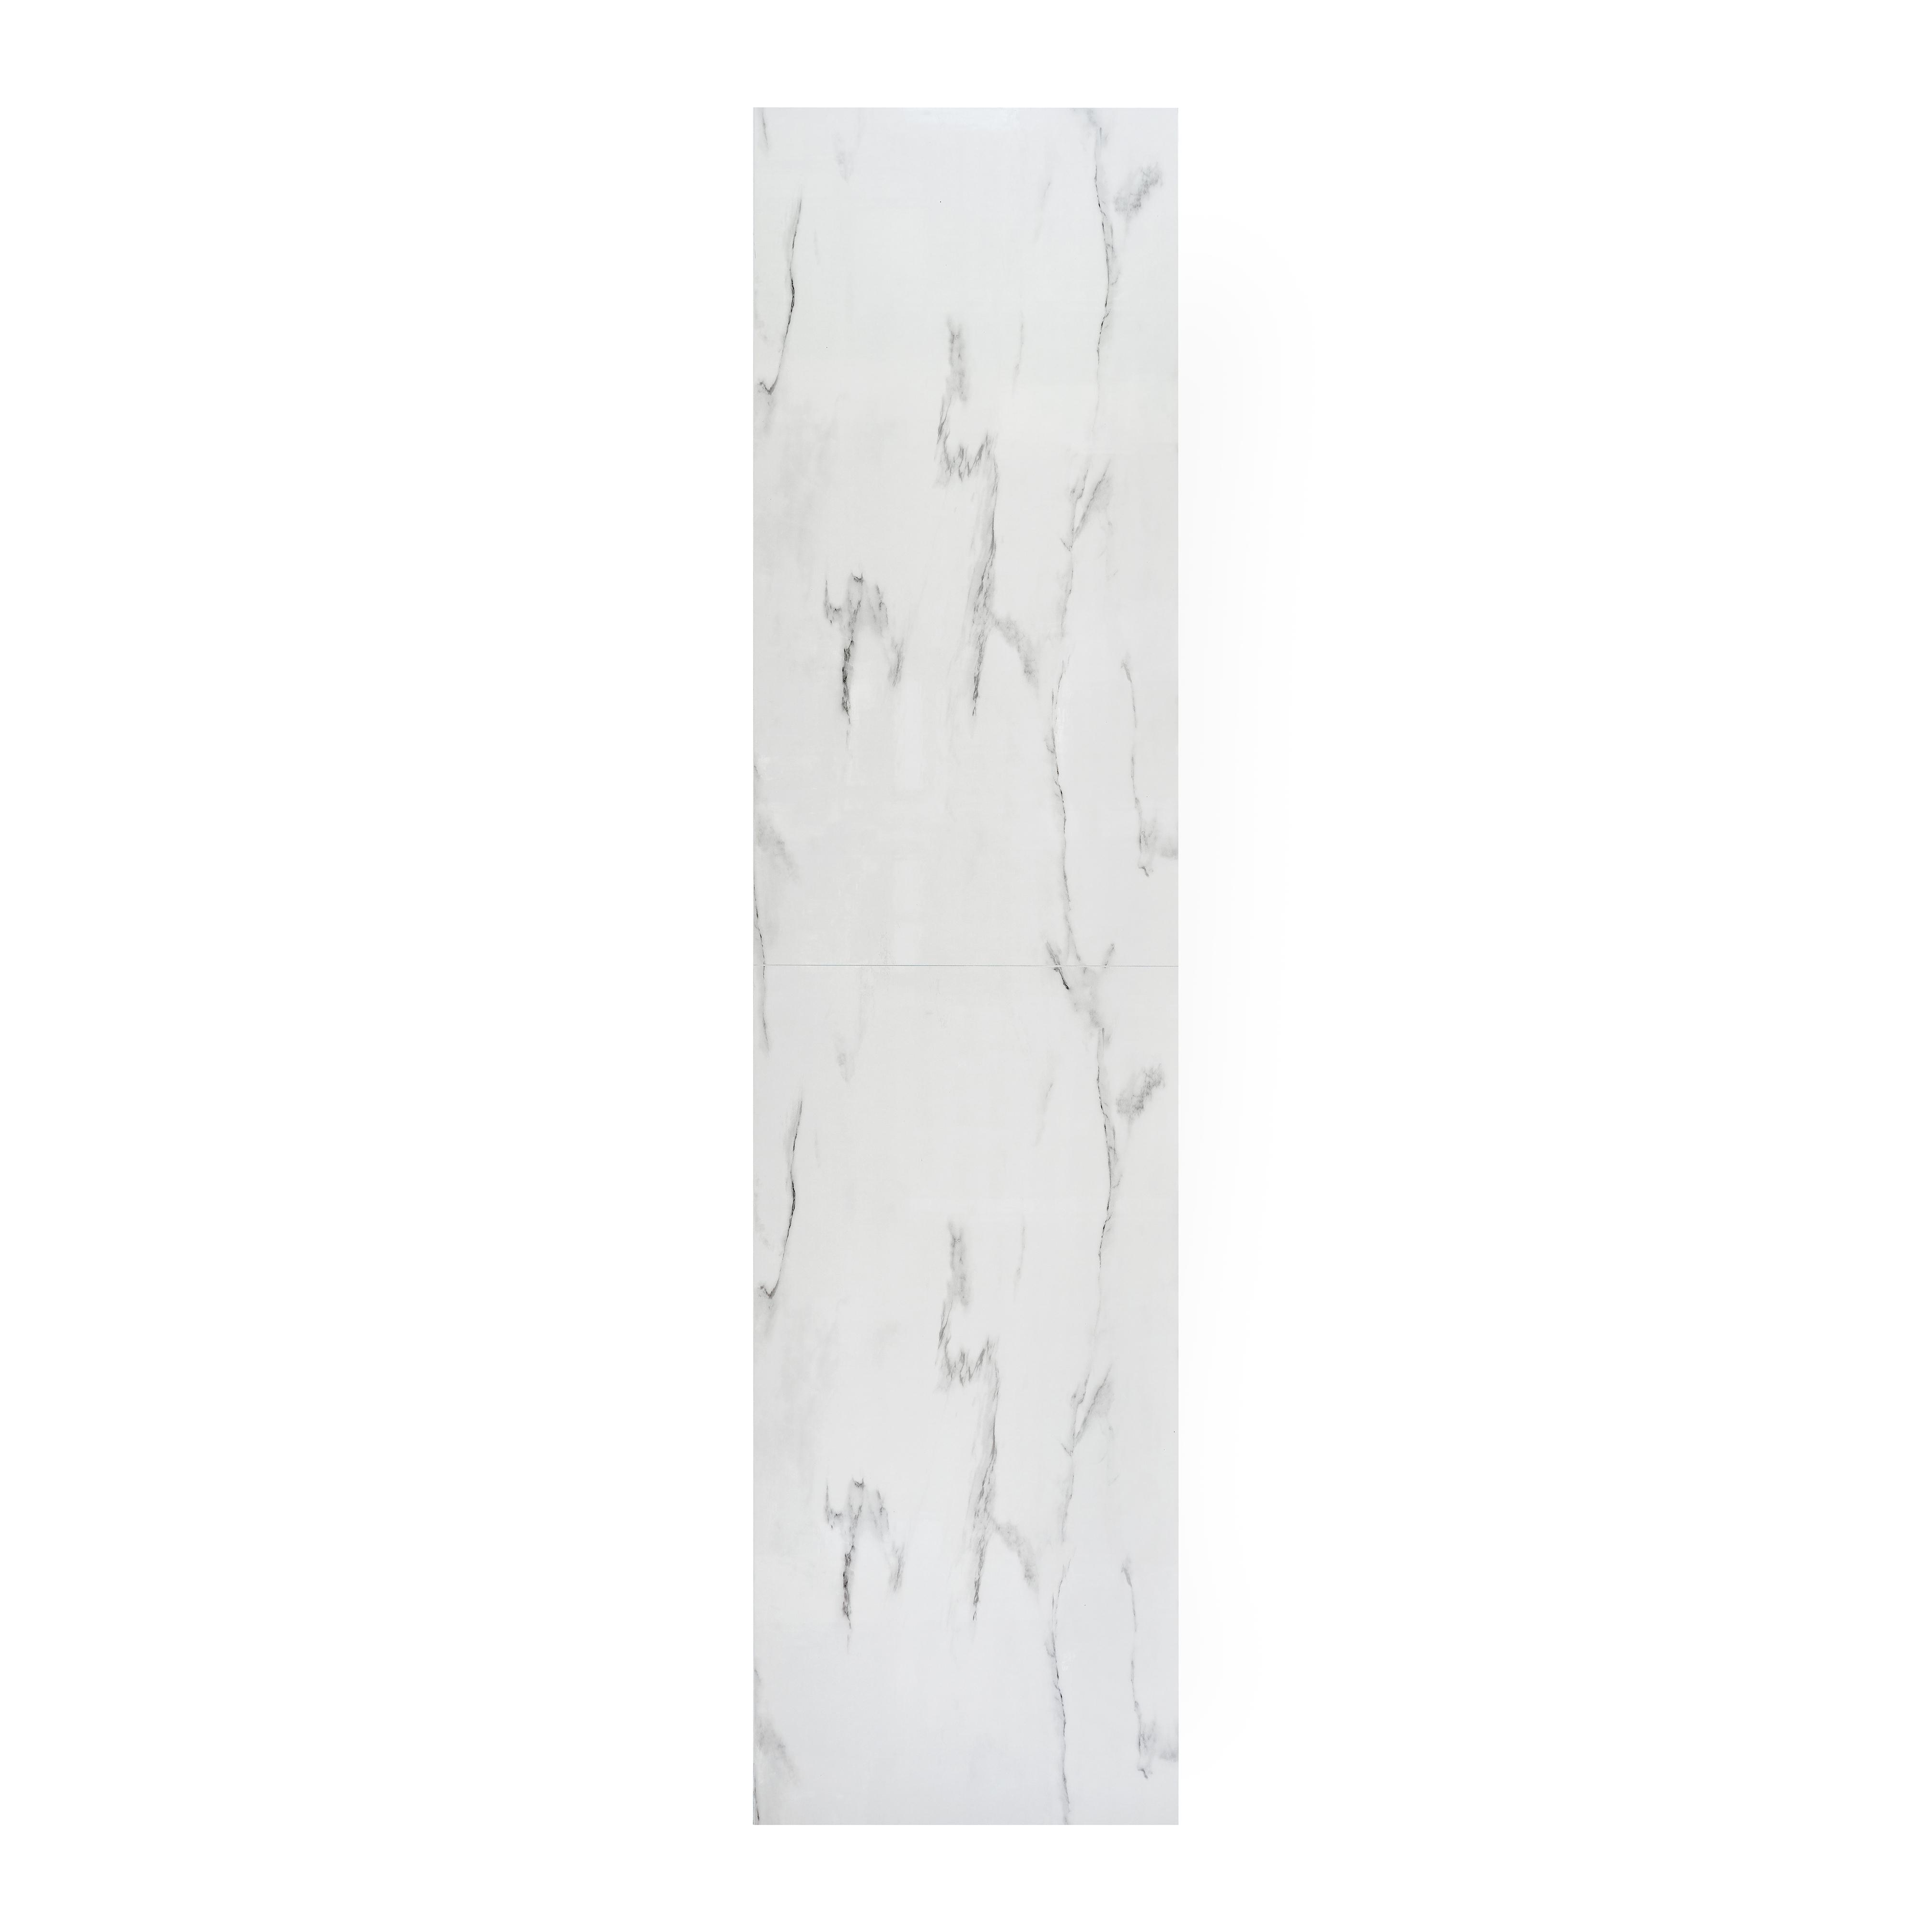 Våtrumsskiva BerryAlloc Wall & Water Vit Marmor S 60x120